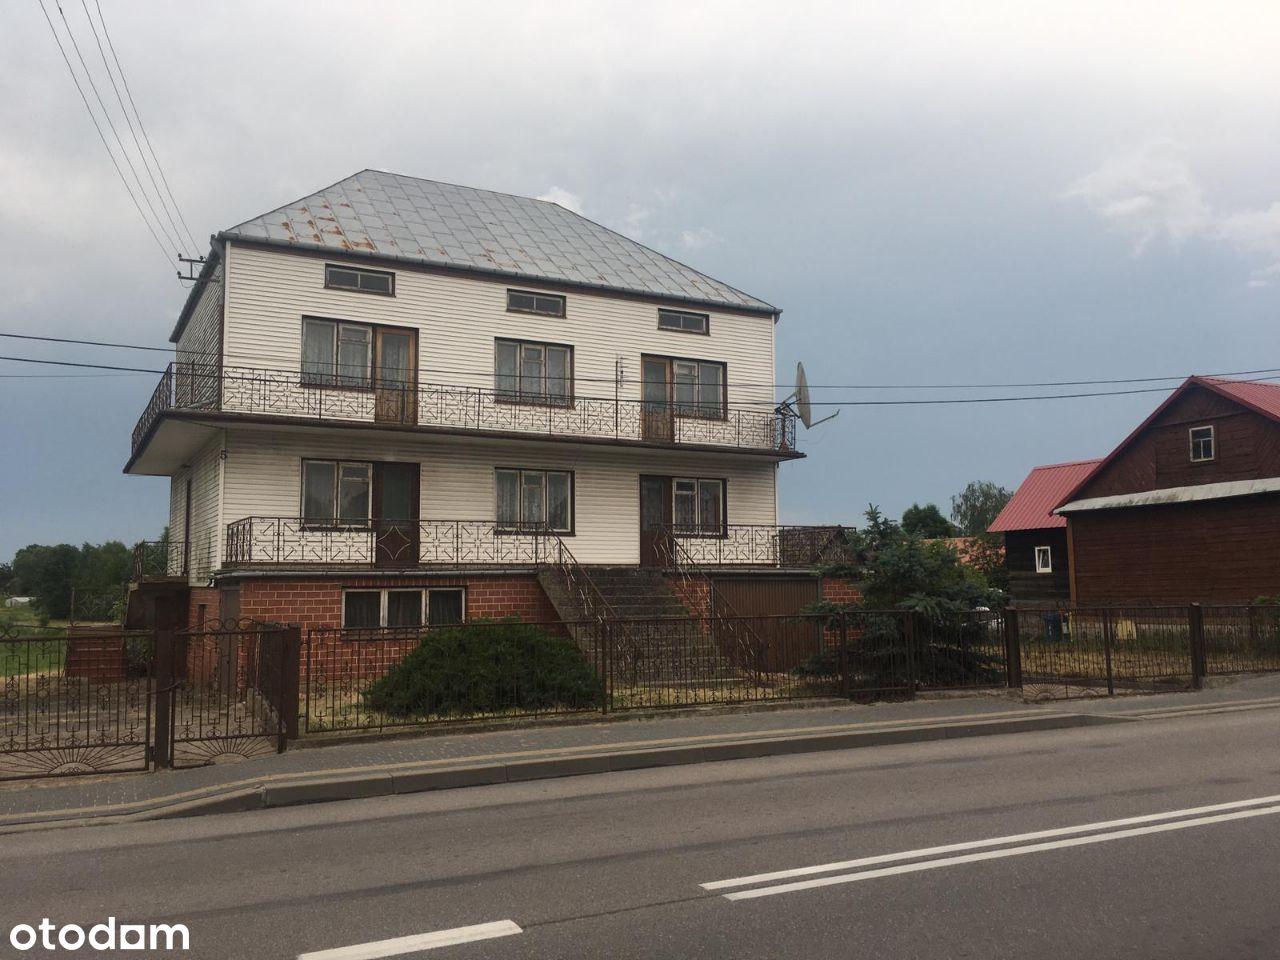 Dom 300m działka 5400m DK19 mieszkalne+Inwestycja